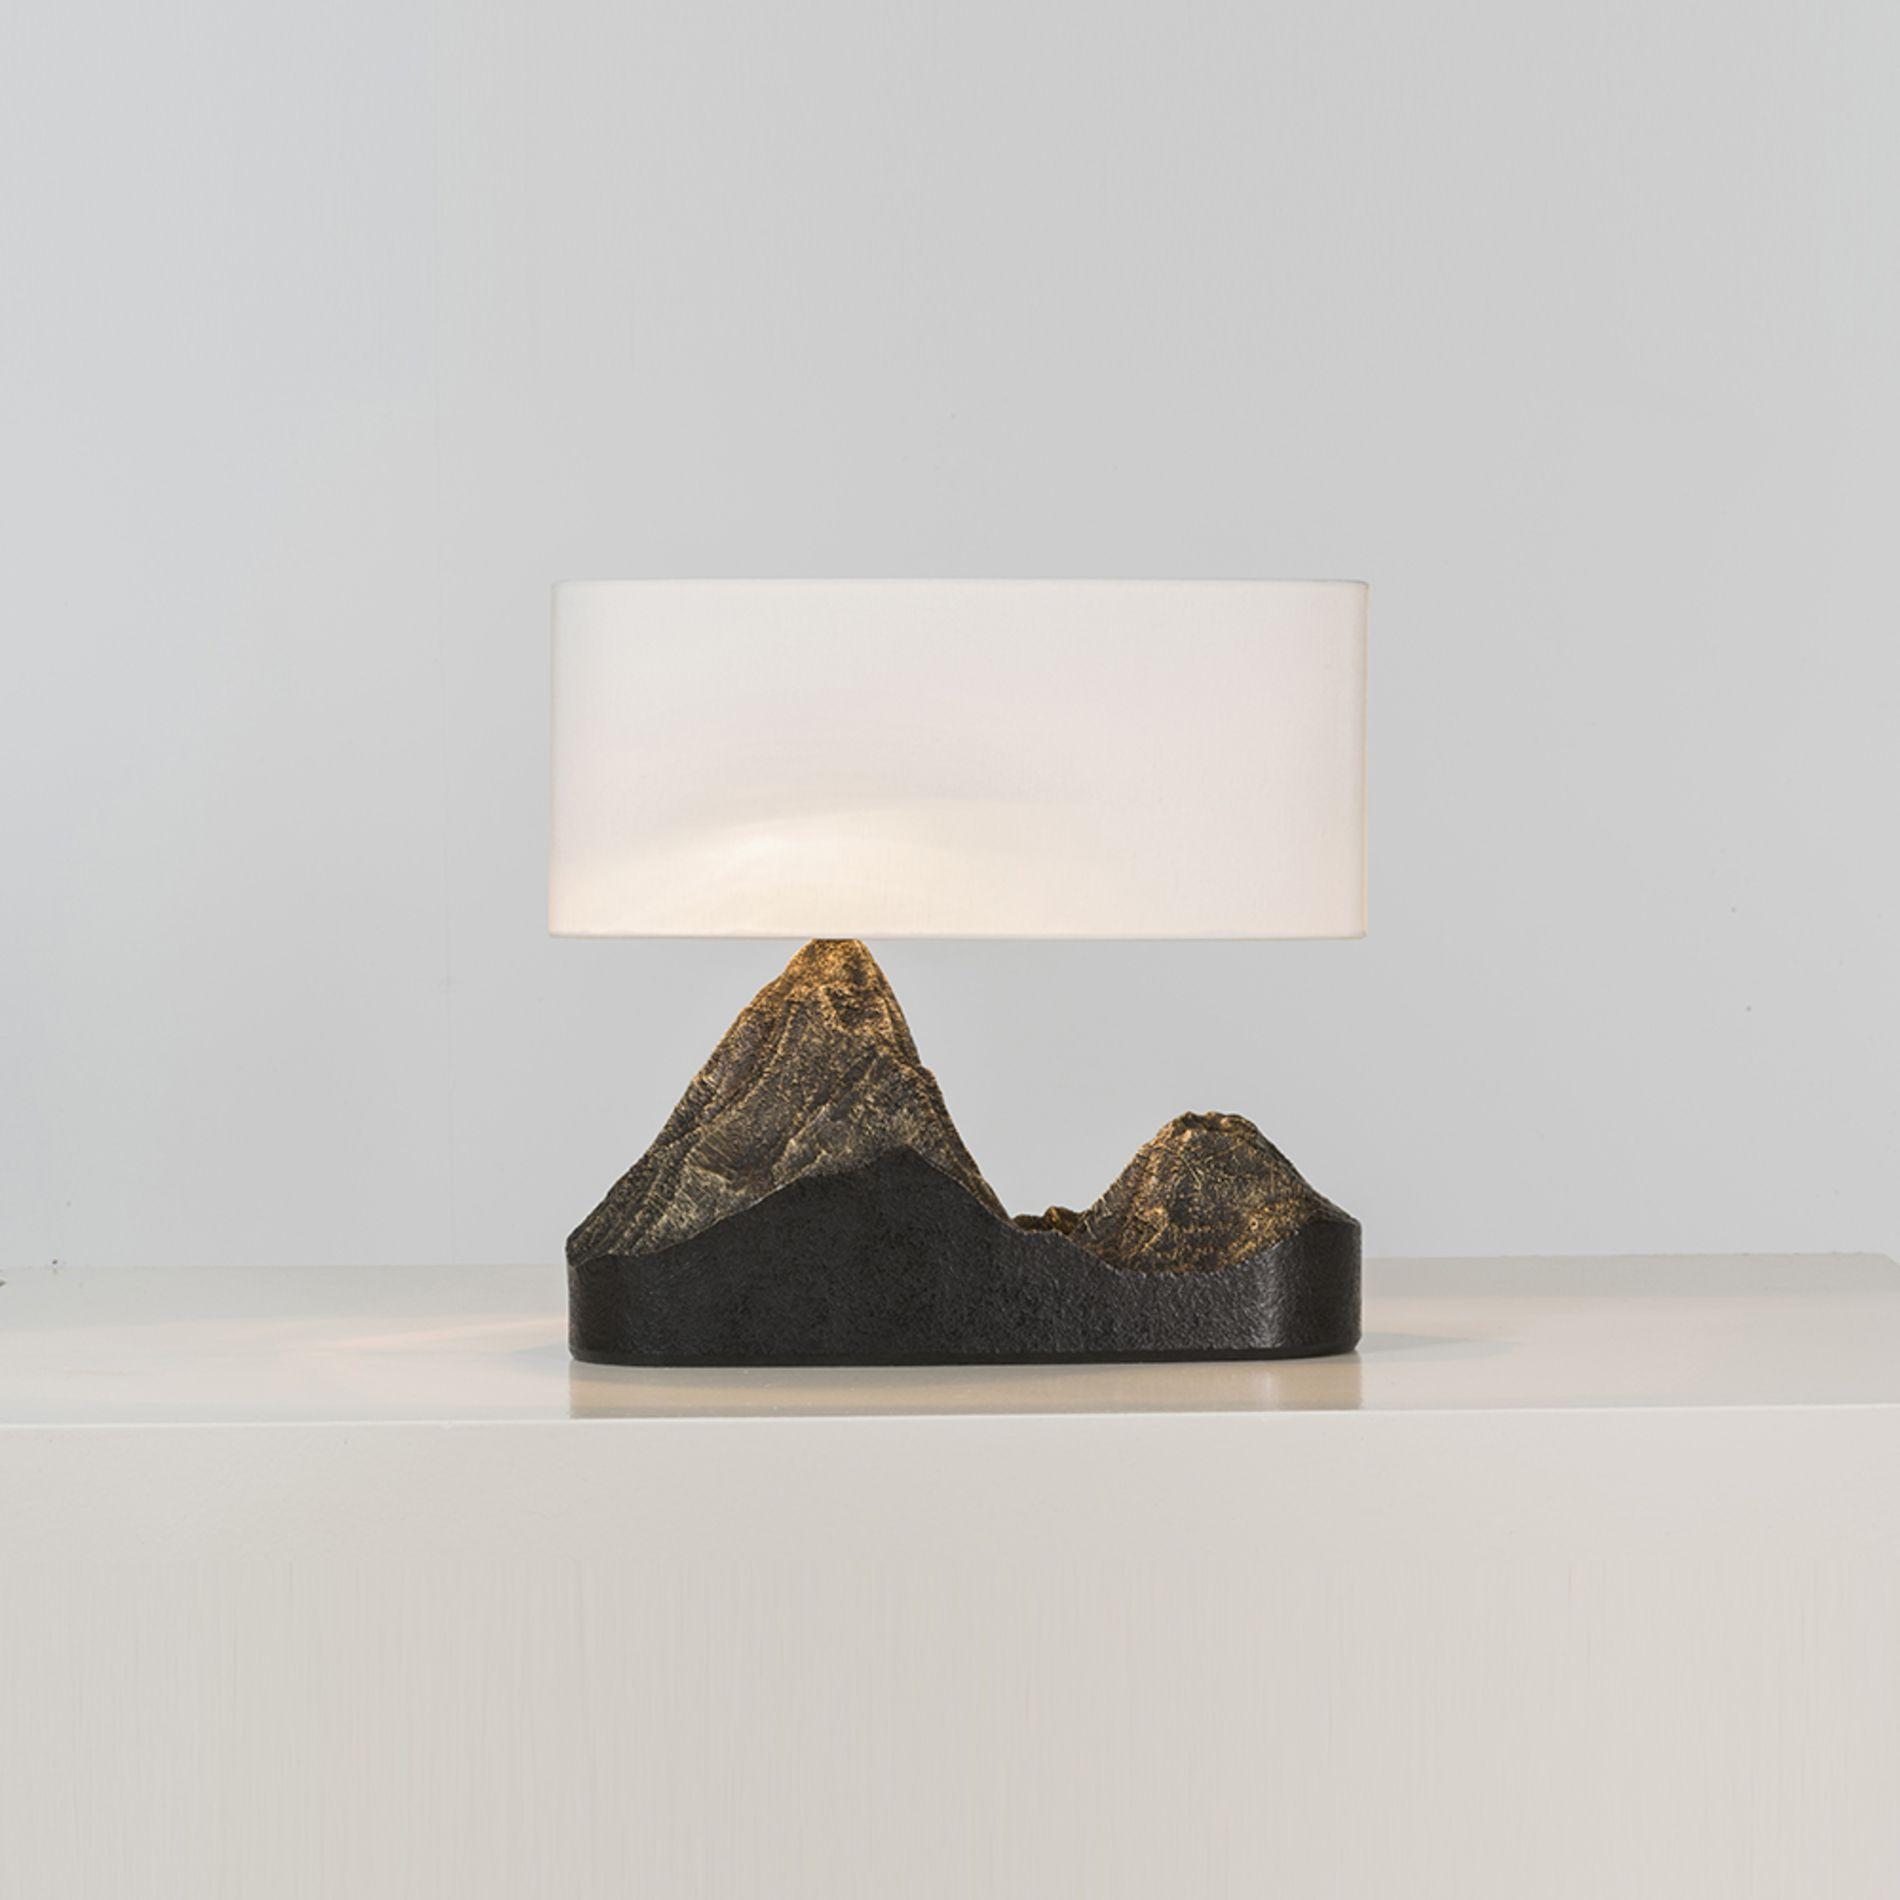 Raphael Navot Landscape Lampe Bronze Edition Maison Charles Marque De L Editeur Edition 1 7 Date Lampe De Table Moderne Lampe Design Lampes Salon